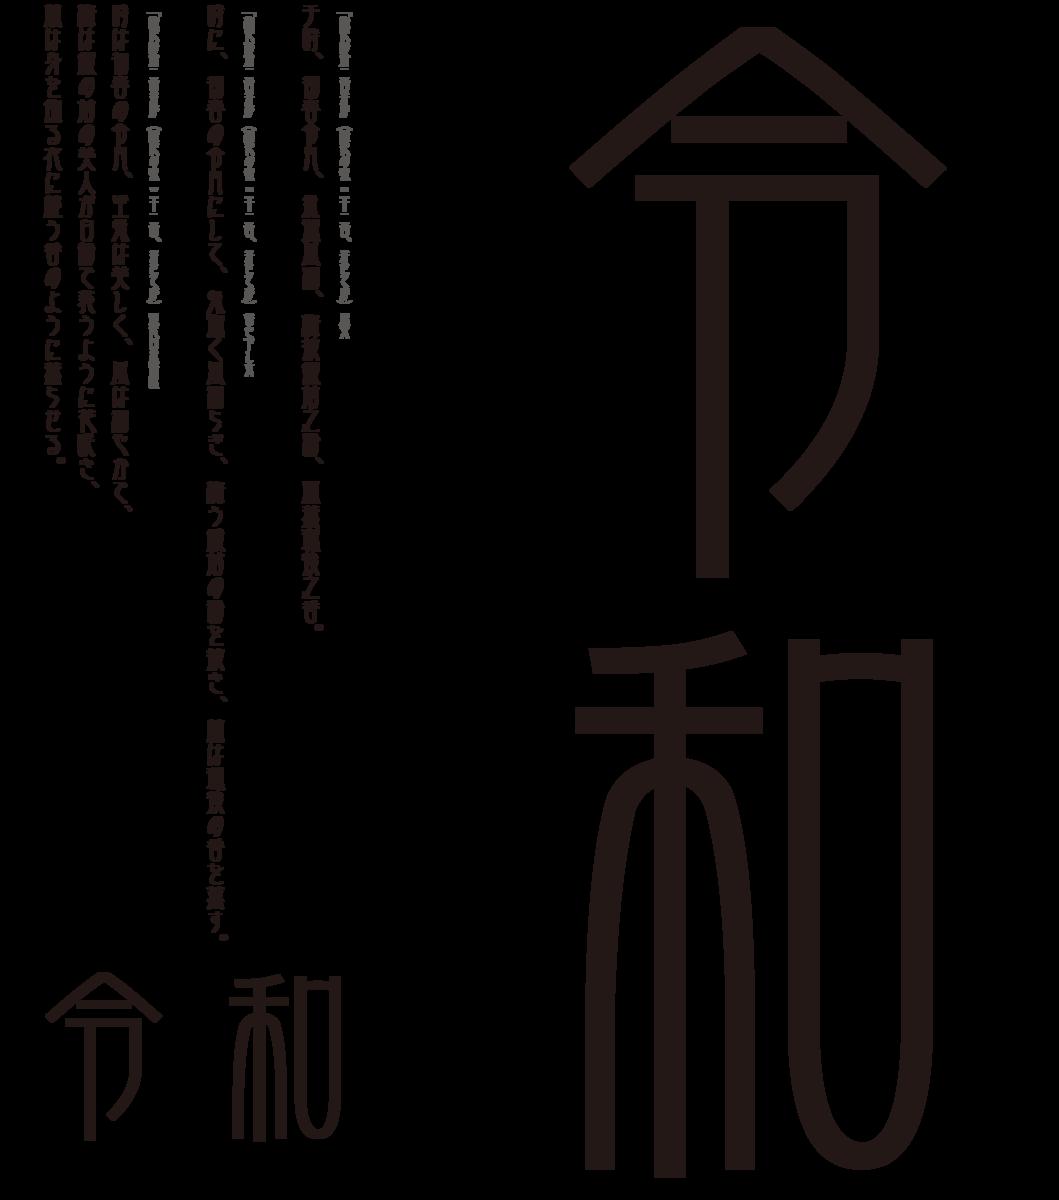 f:id:mojiru:20190529085553p:plain